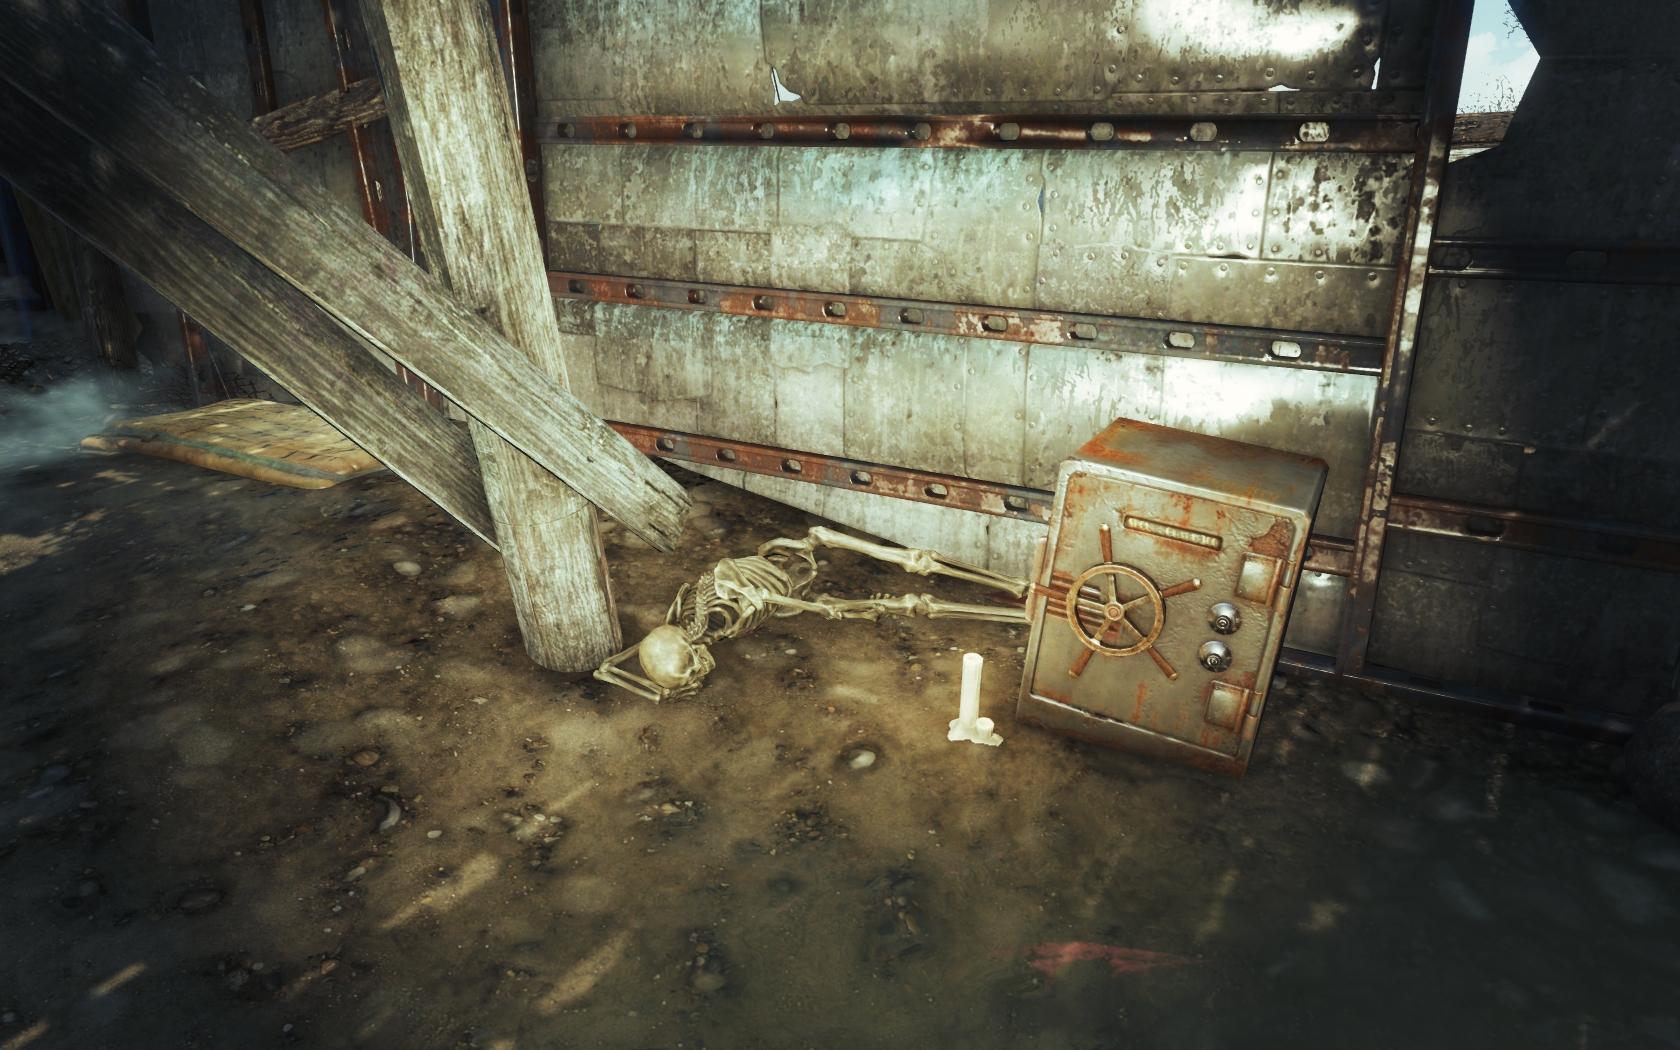 Не удалось взломать (Фар-Харбор, северо-восточнее отеля Клиффс Эдж) - Fallout 4 Клиффс Эдж, отель, отель Клиффс Эдж, сейф, скелет